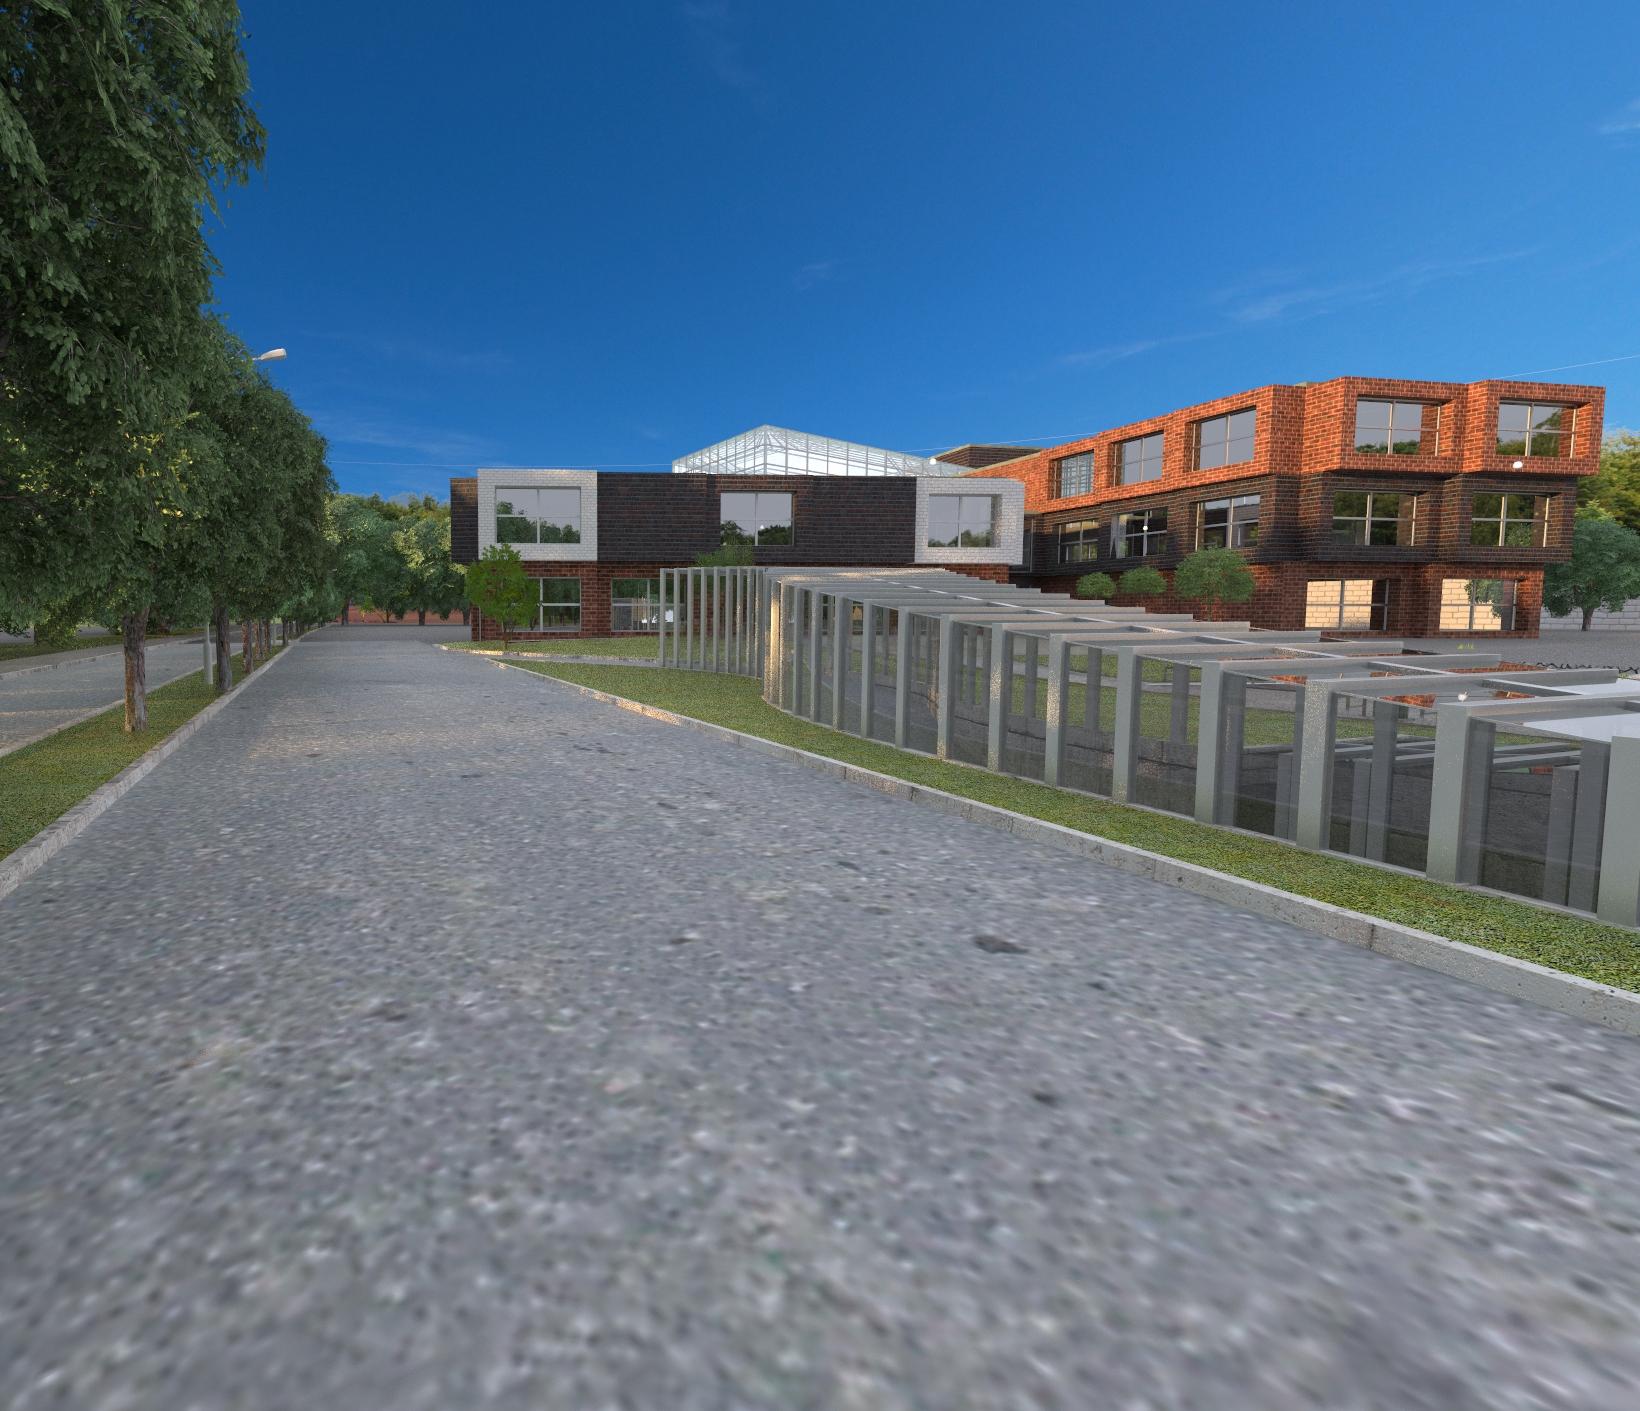 طرح معماری مدرسه با مدارک کامل